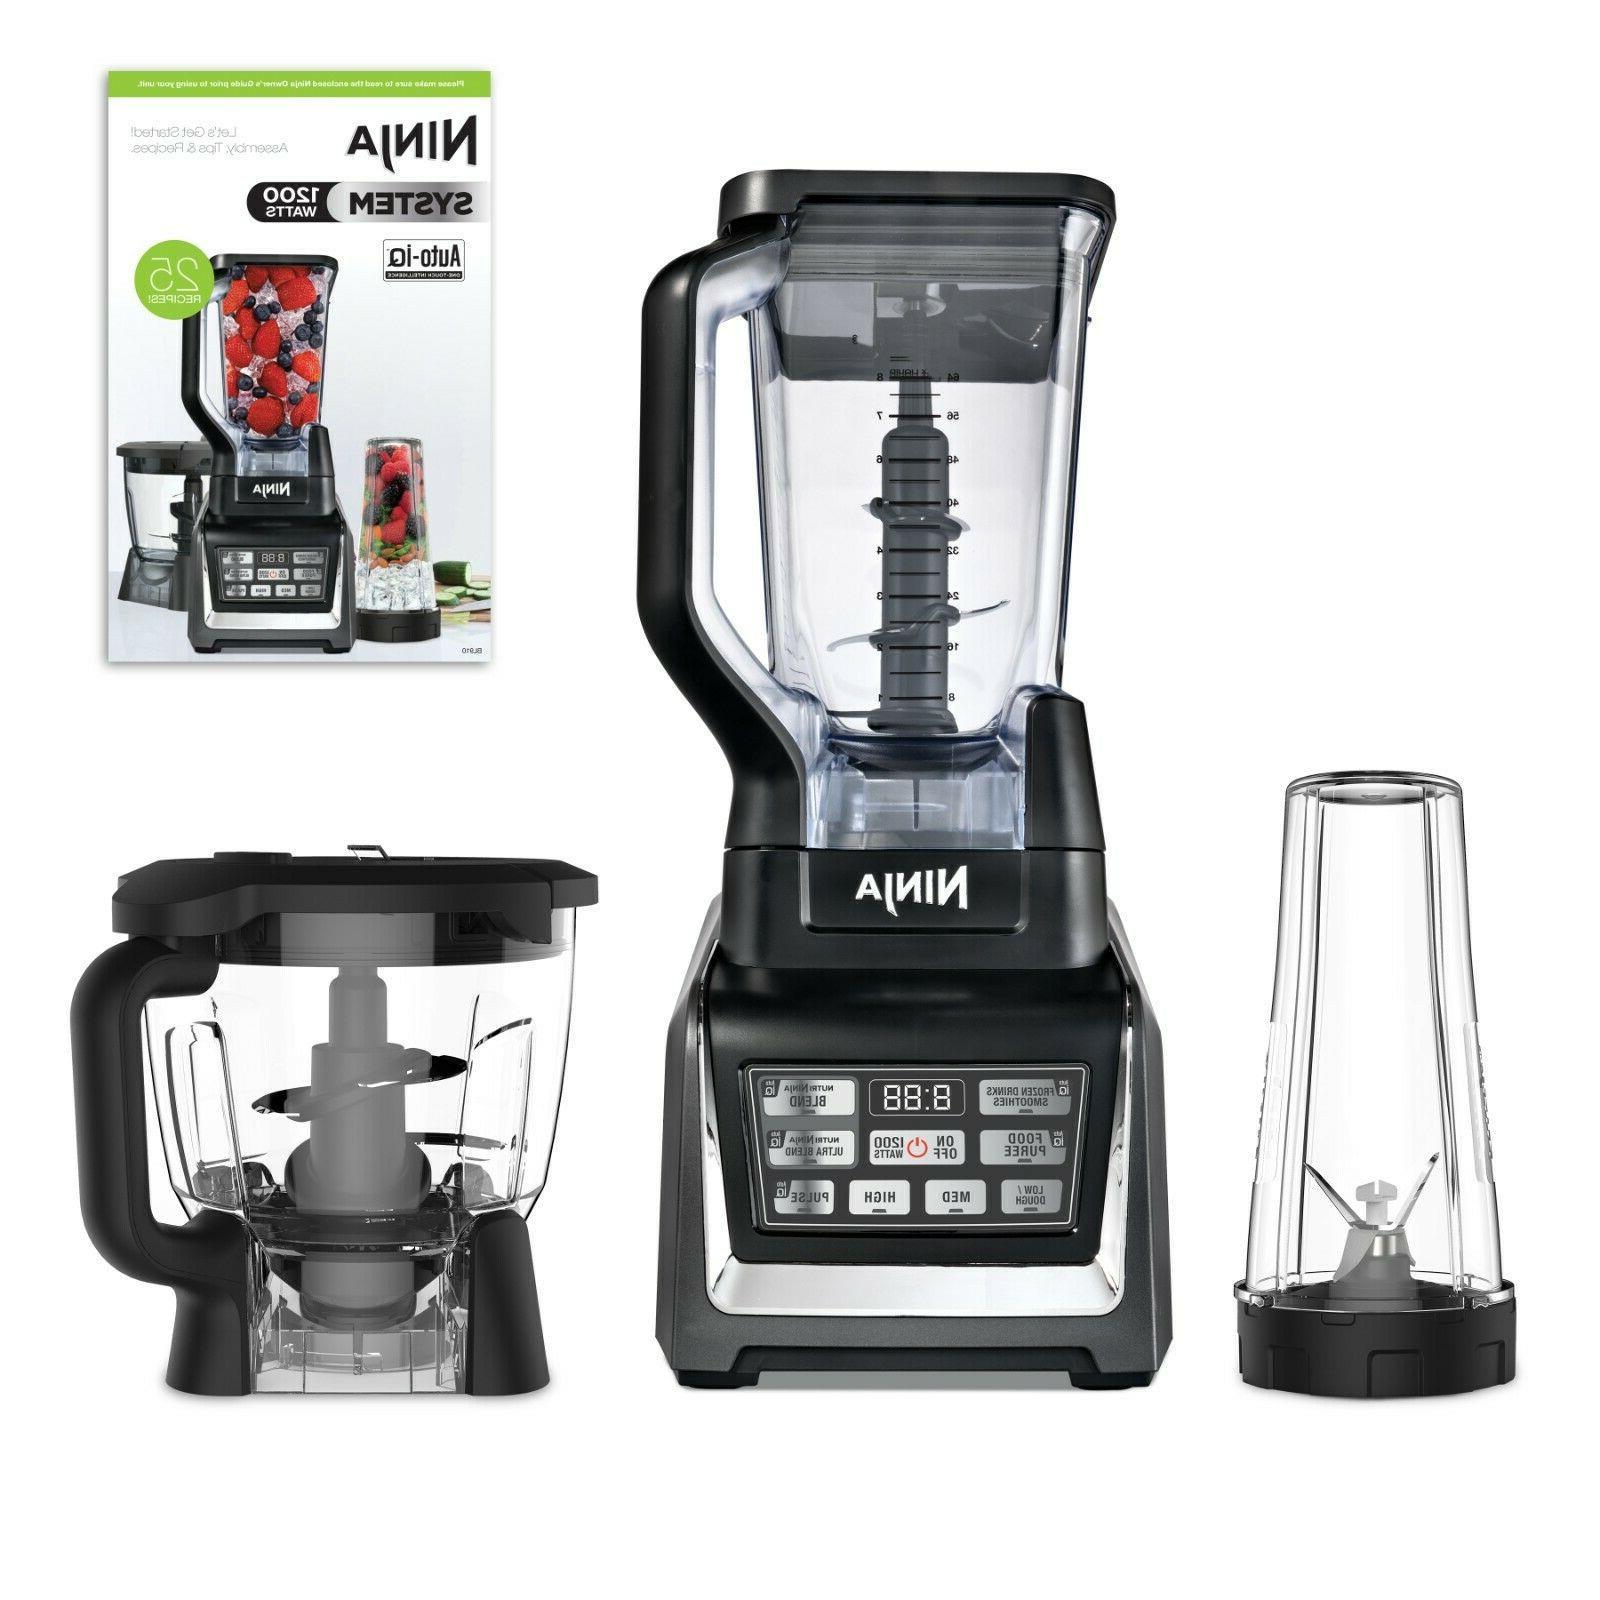 Blender oz Ninja Auto-iQ Kitchen System food